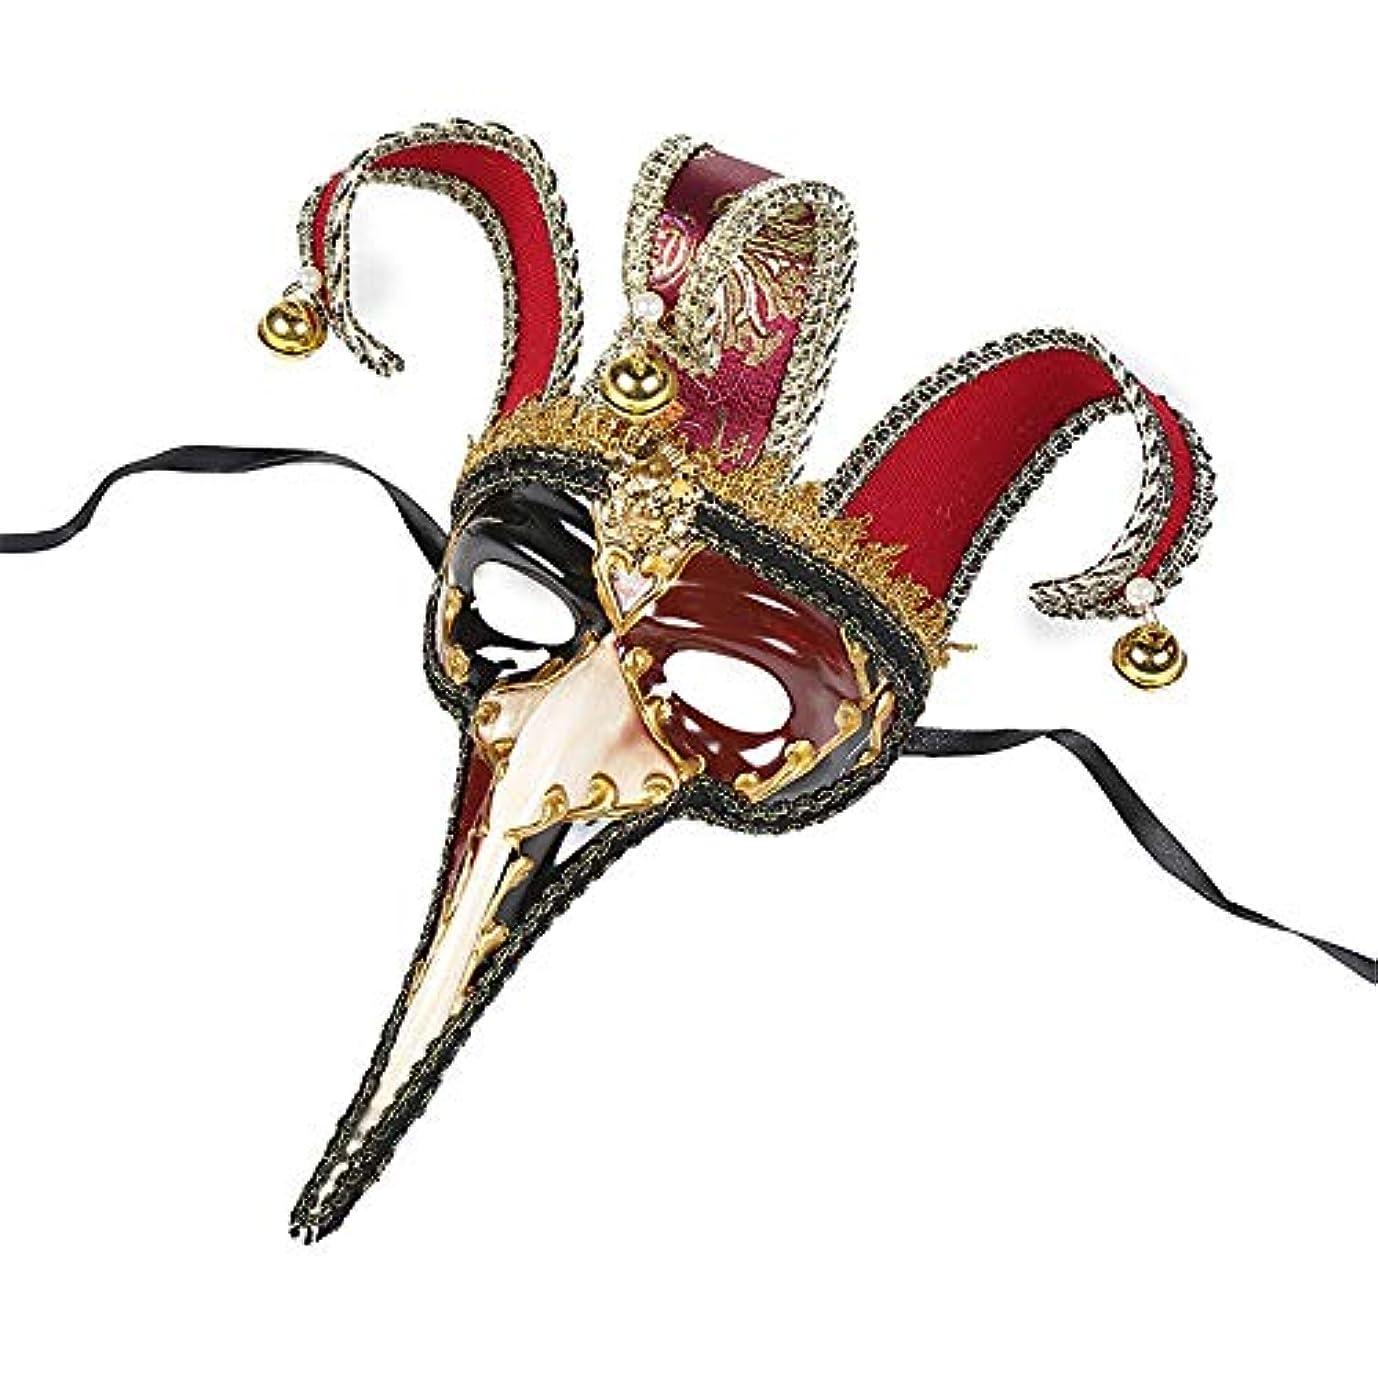 印象的差し迫った宿泊ダンスマスク ハーフフェイス鼻フラミンゴハロウィーン仮装雰囲気クリスマスフェスティバルロールプレイングプラスチックマスク ホリデーパーティー用品 (色 : 赤, サイズ : 42x15cm)